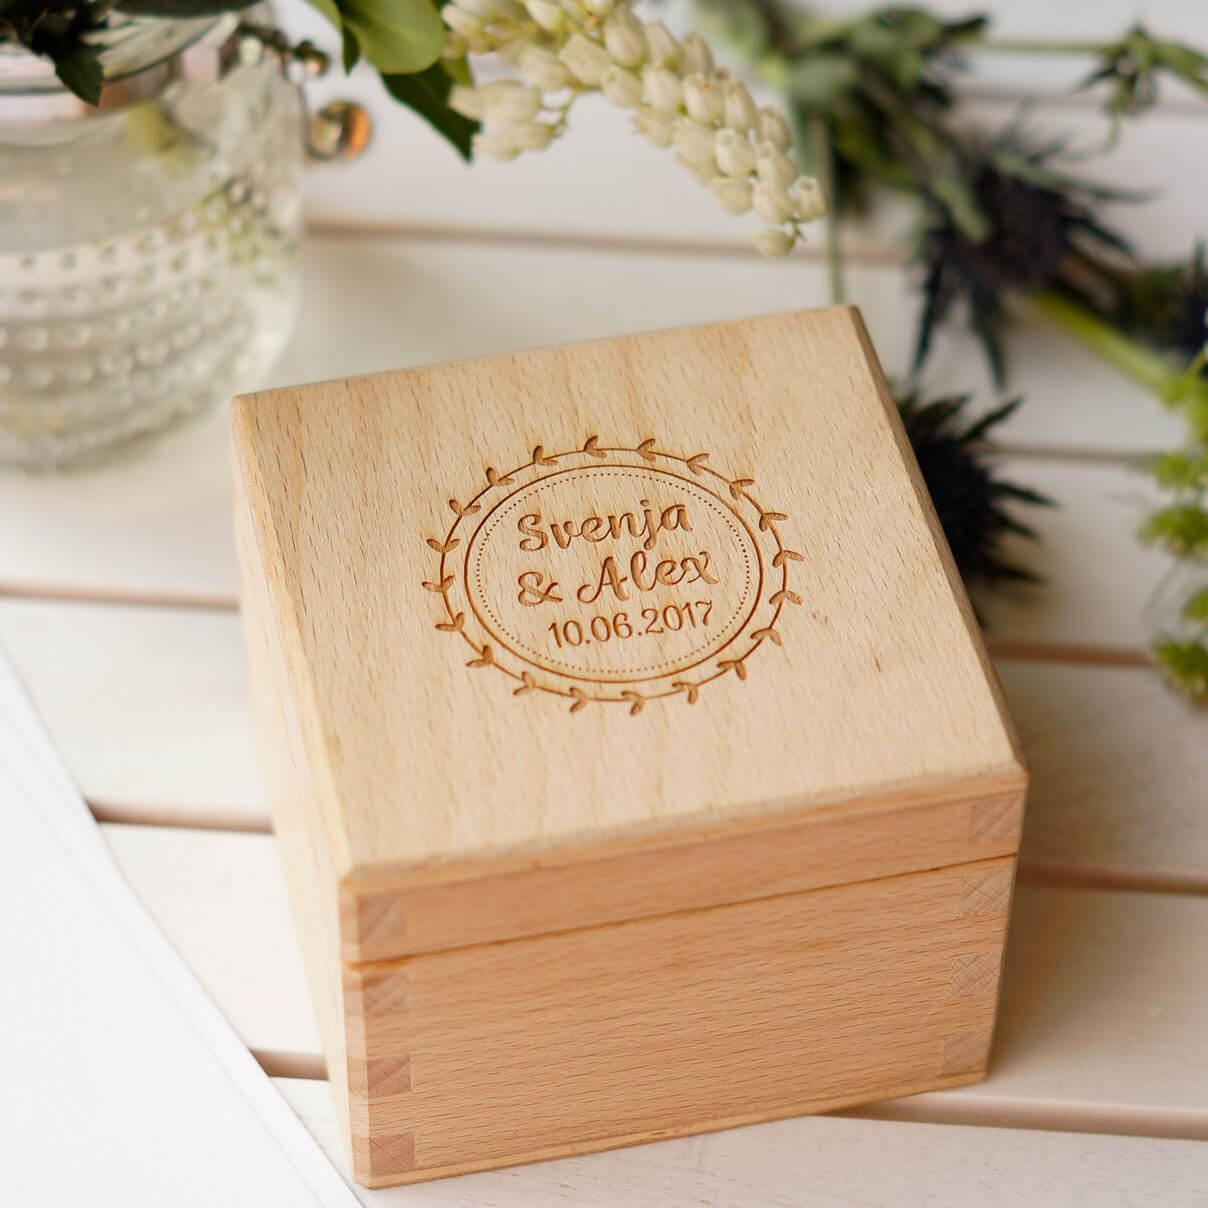 Ringbox mit Hochzeitslogo